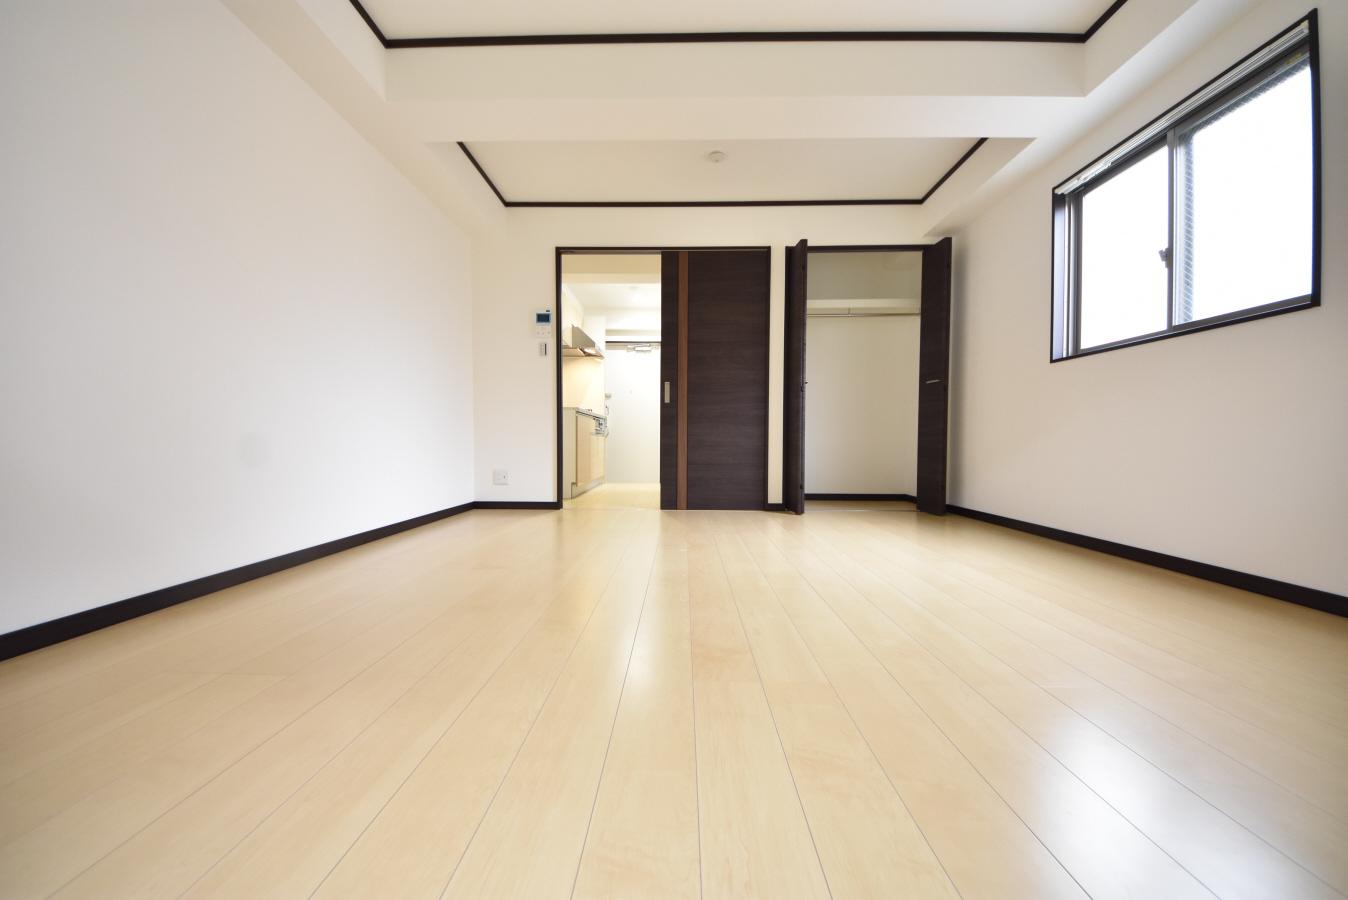 物件番号: 1025883922 宝ビル  神戸市中央区日暮通1丁目 1K マンション 画像1